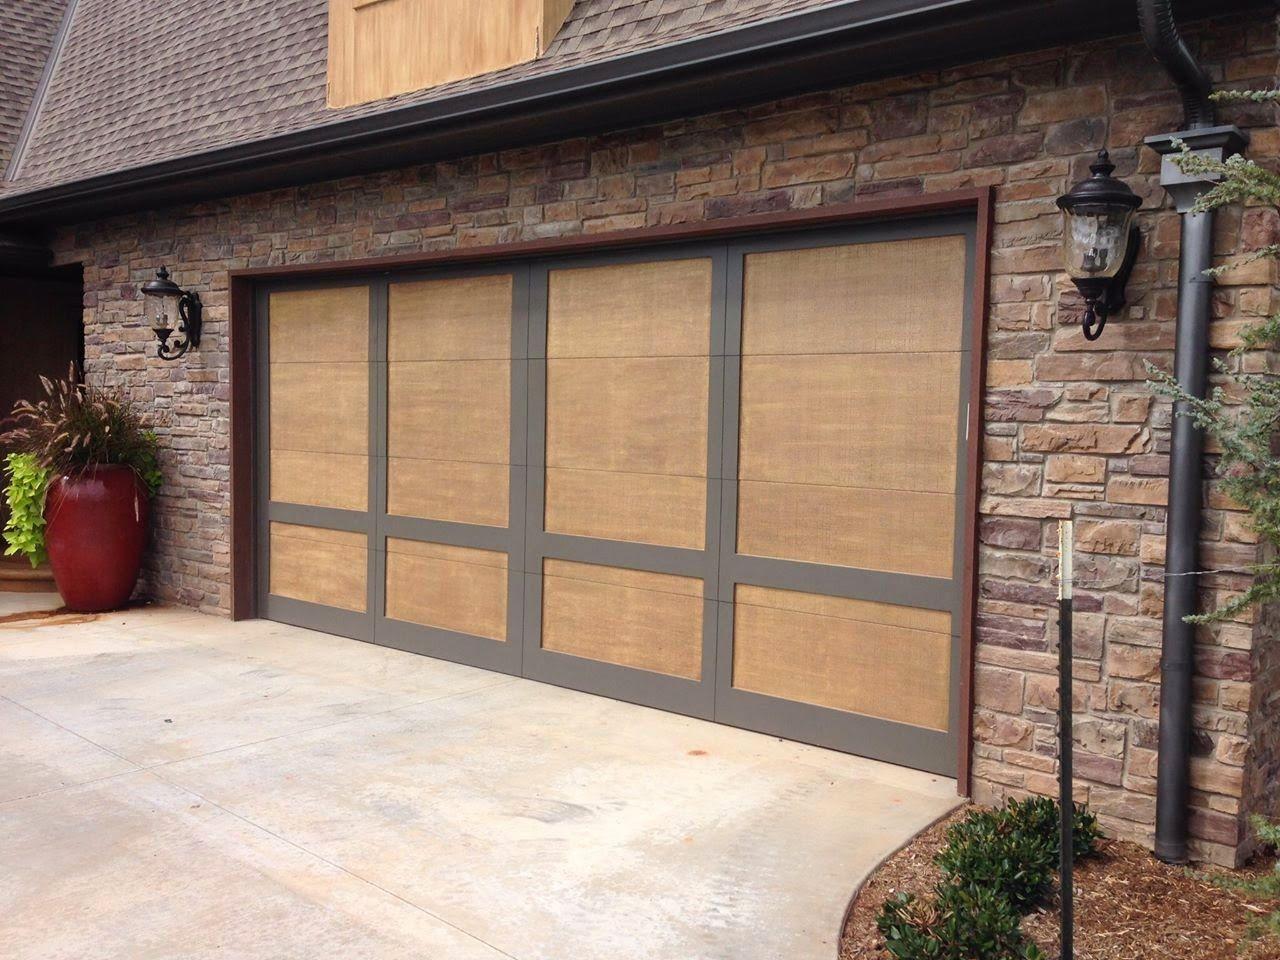 How To Convert Automatic Garage Door To Manual Garage Doors Automatic Garage Door Broken Garage Door Spring